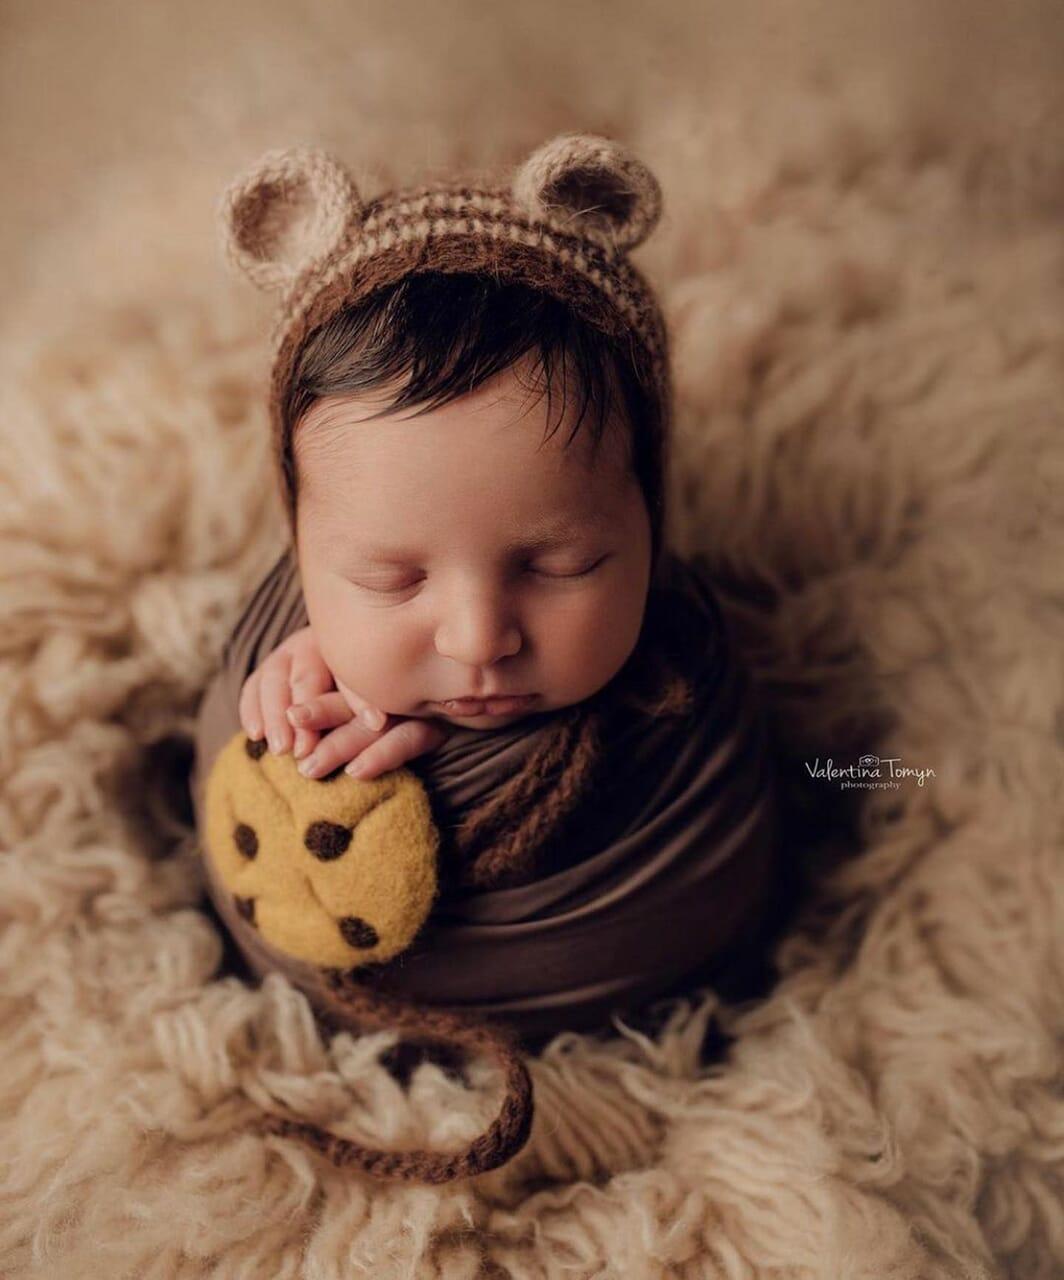 baby, cute baby, and baby girl sleep image